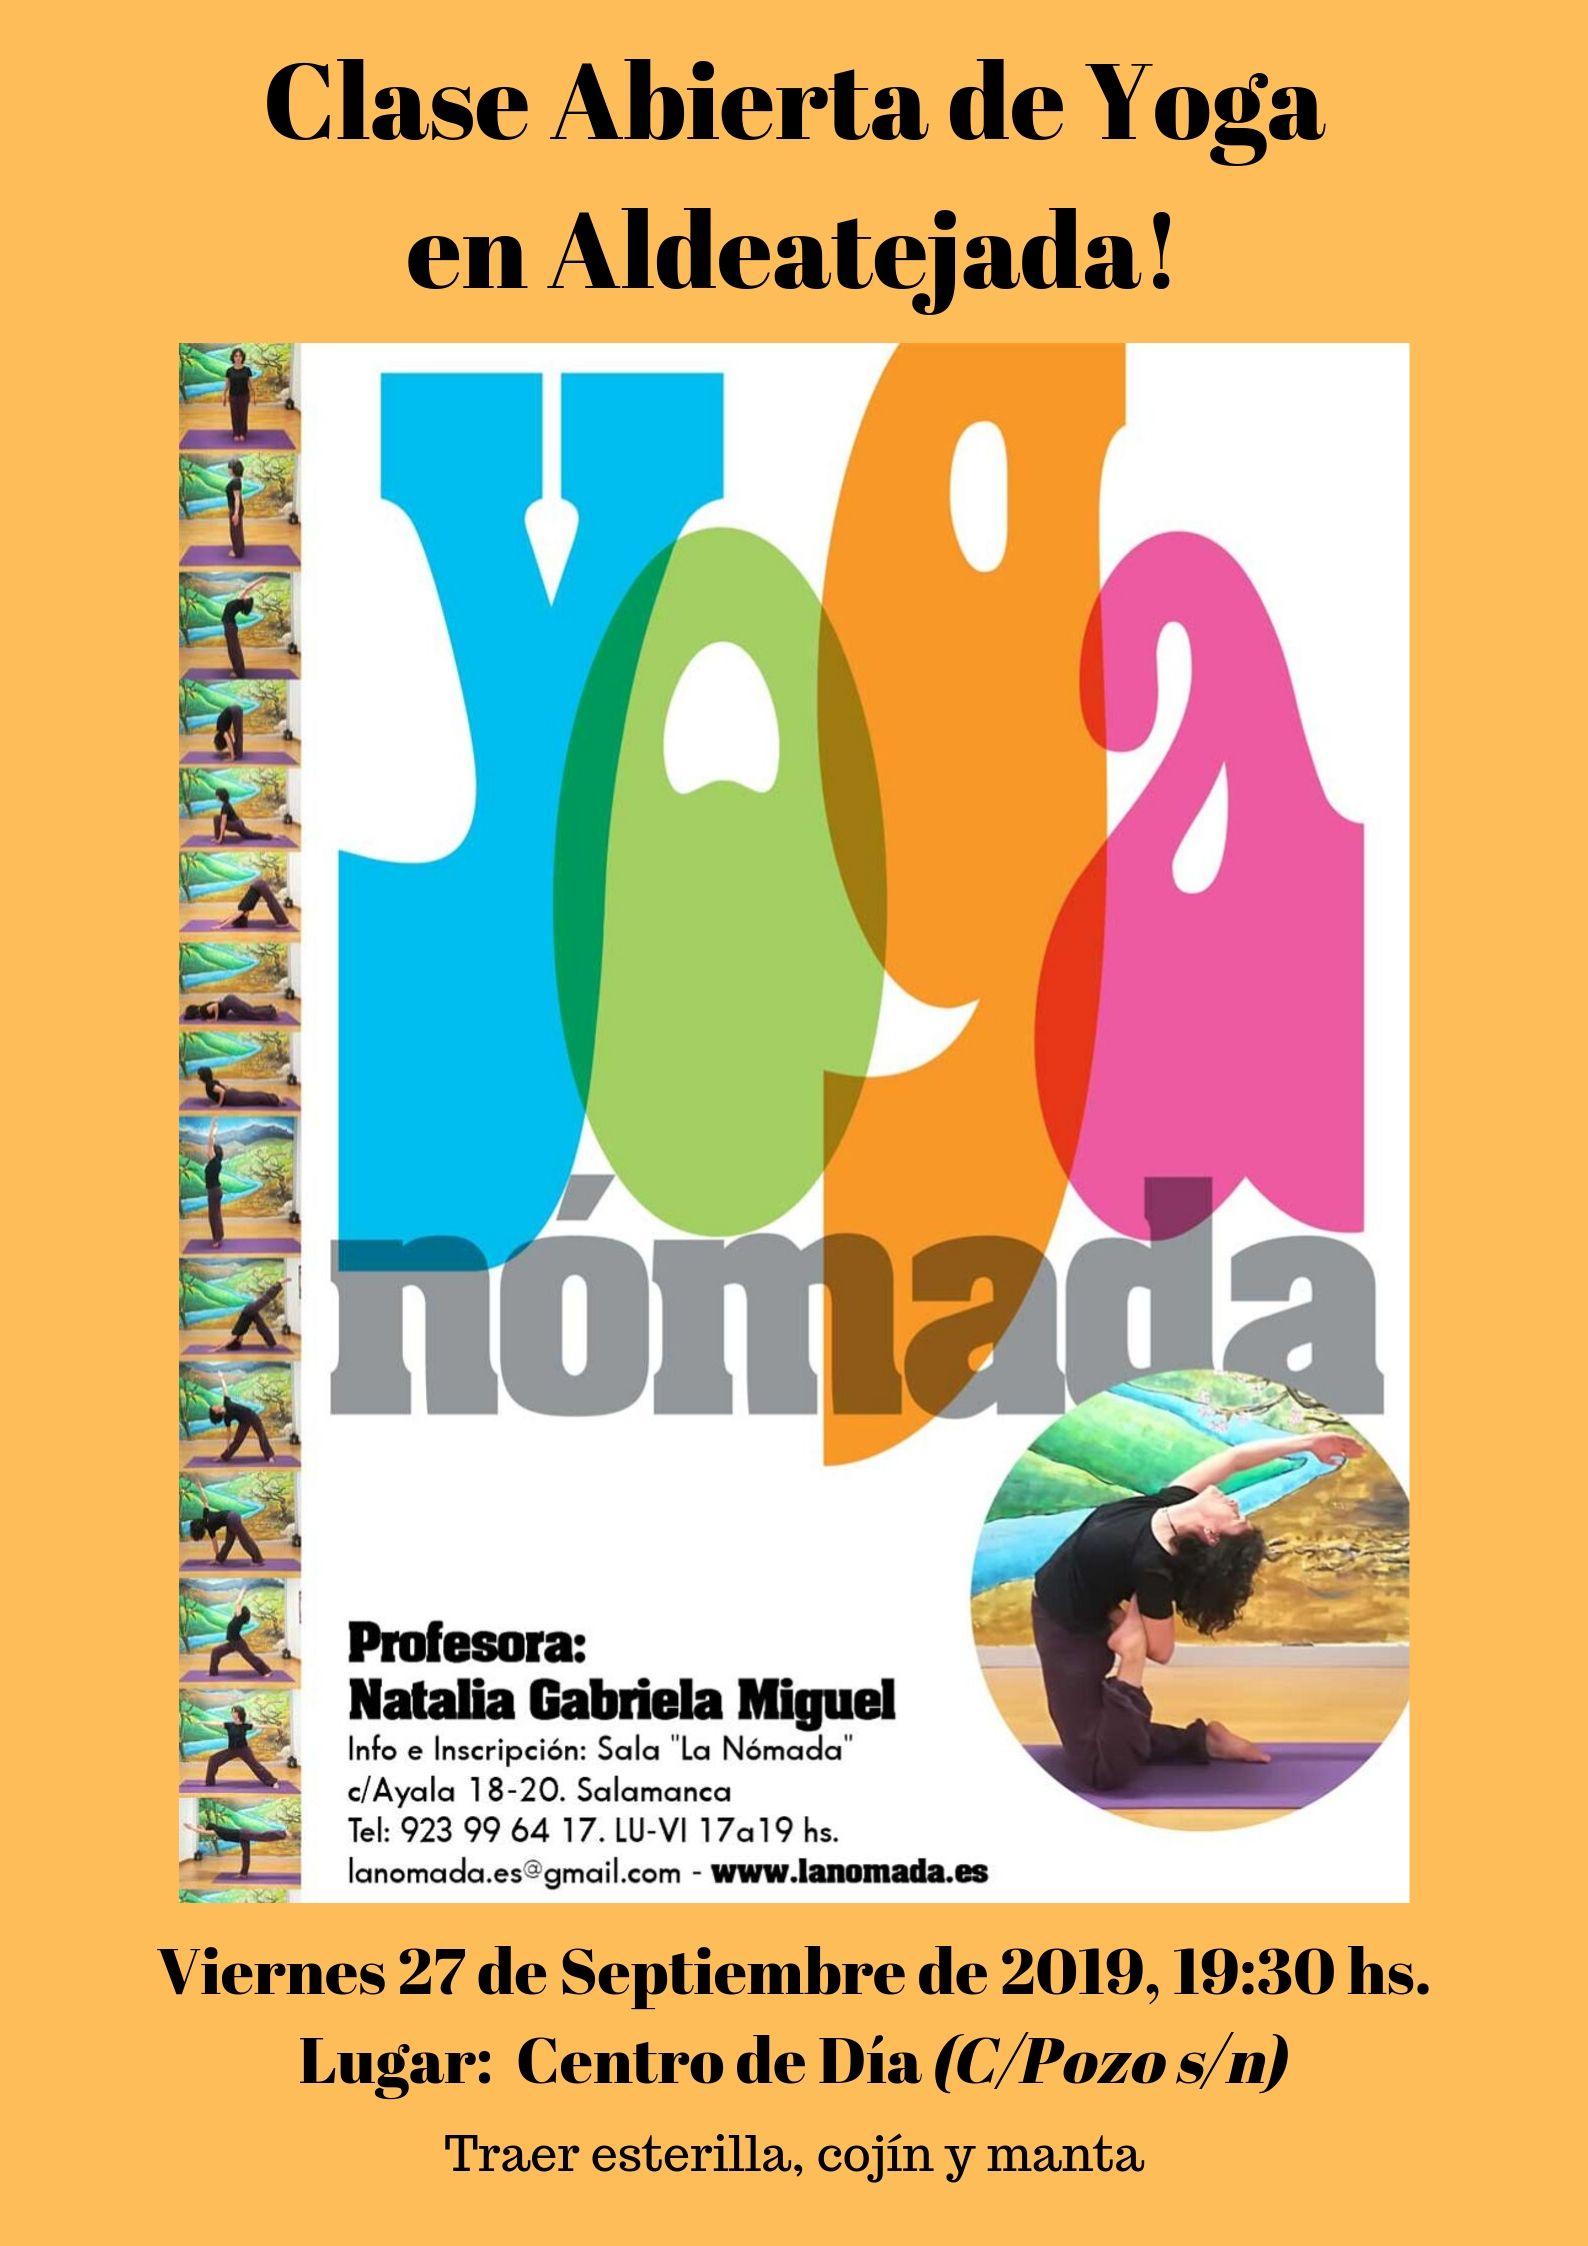 Clase Abierta de Yoga Nómada en Aldeatejada